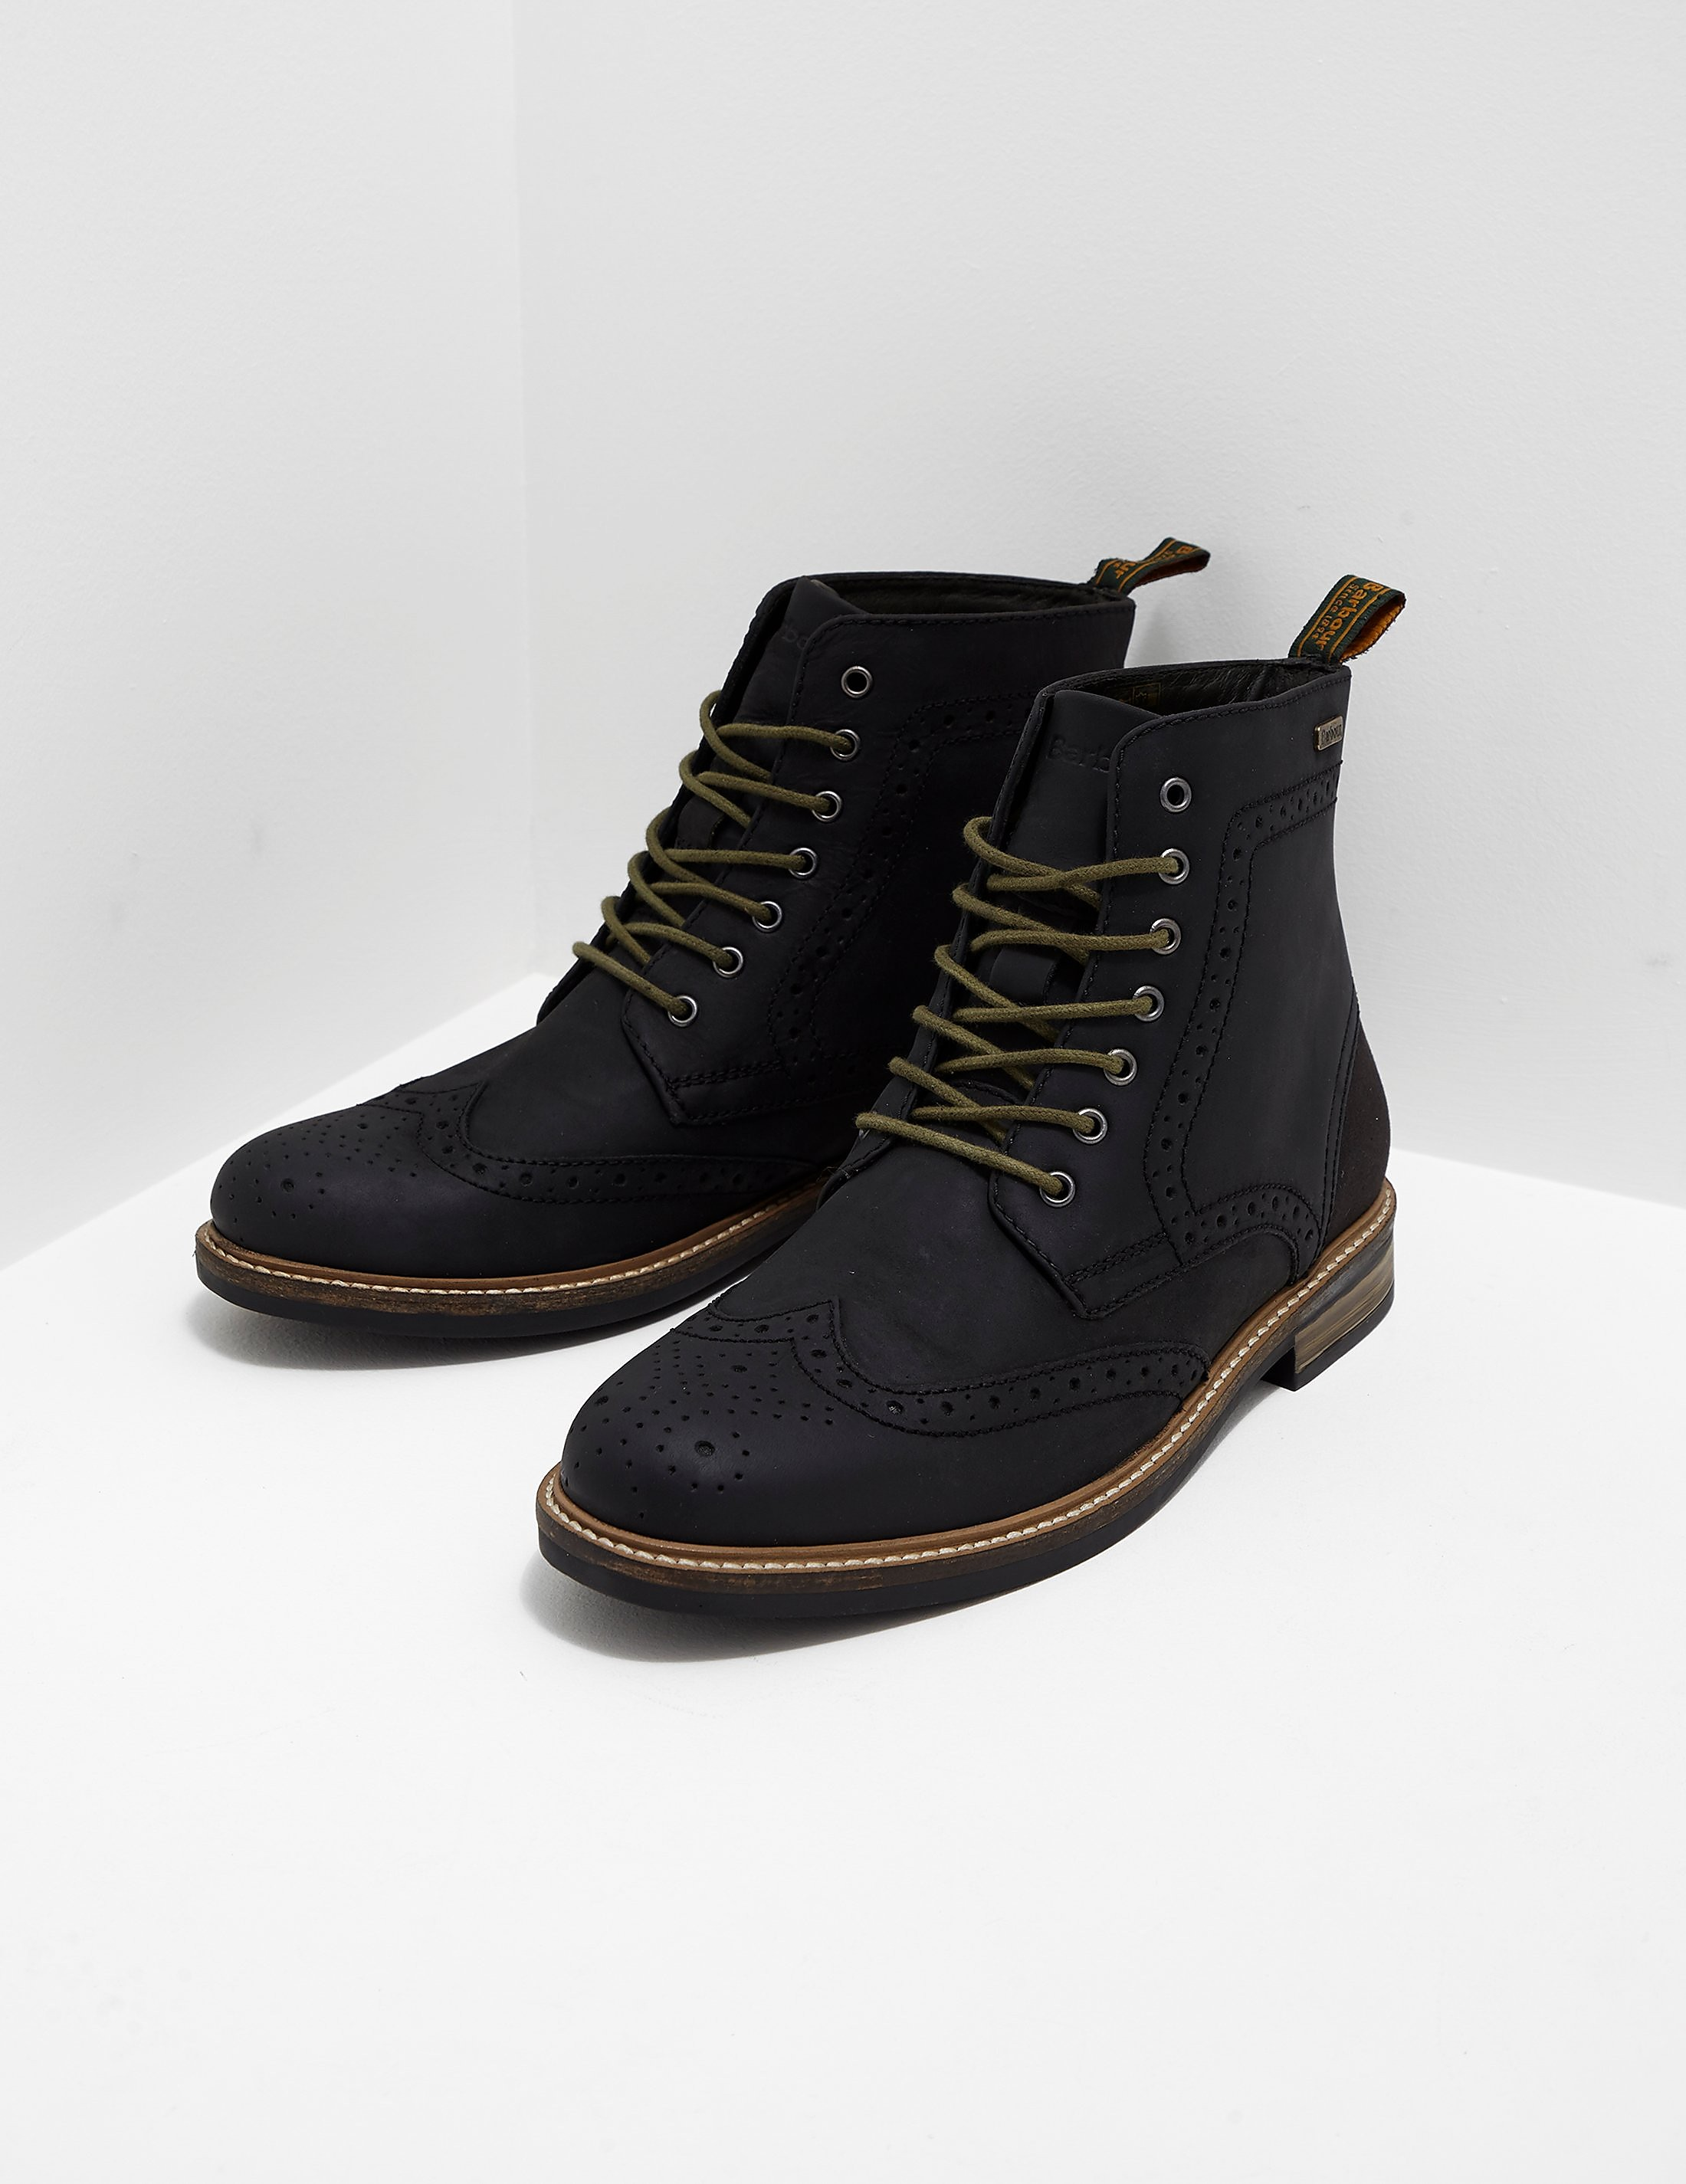 Barbour Belsay Boot